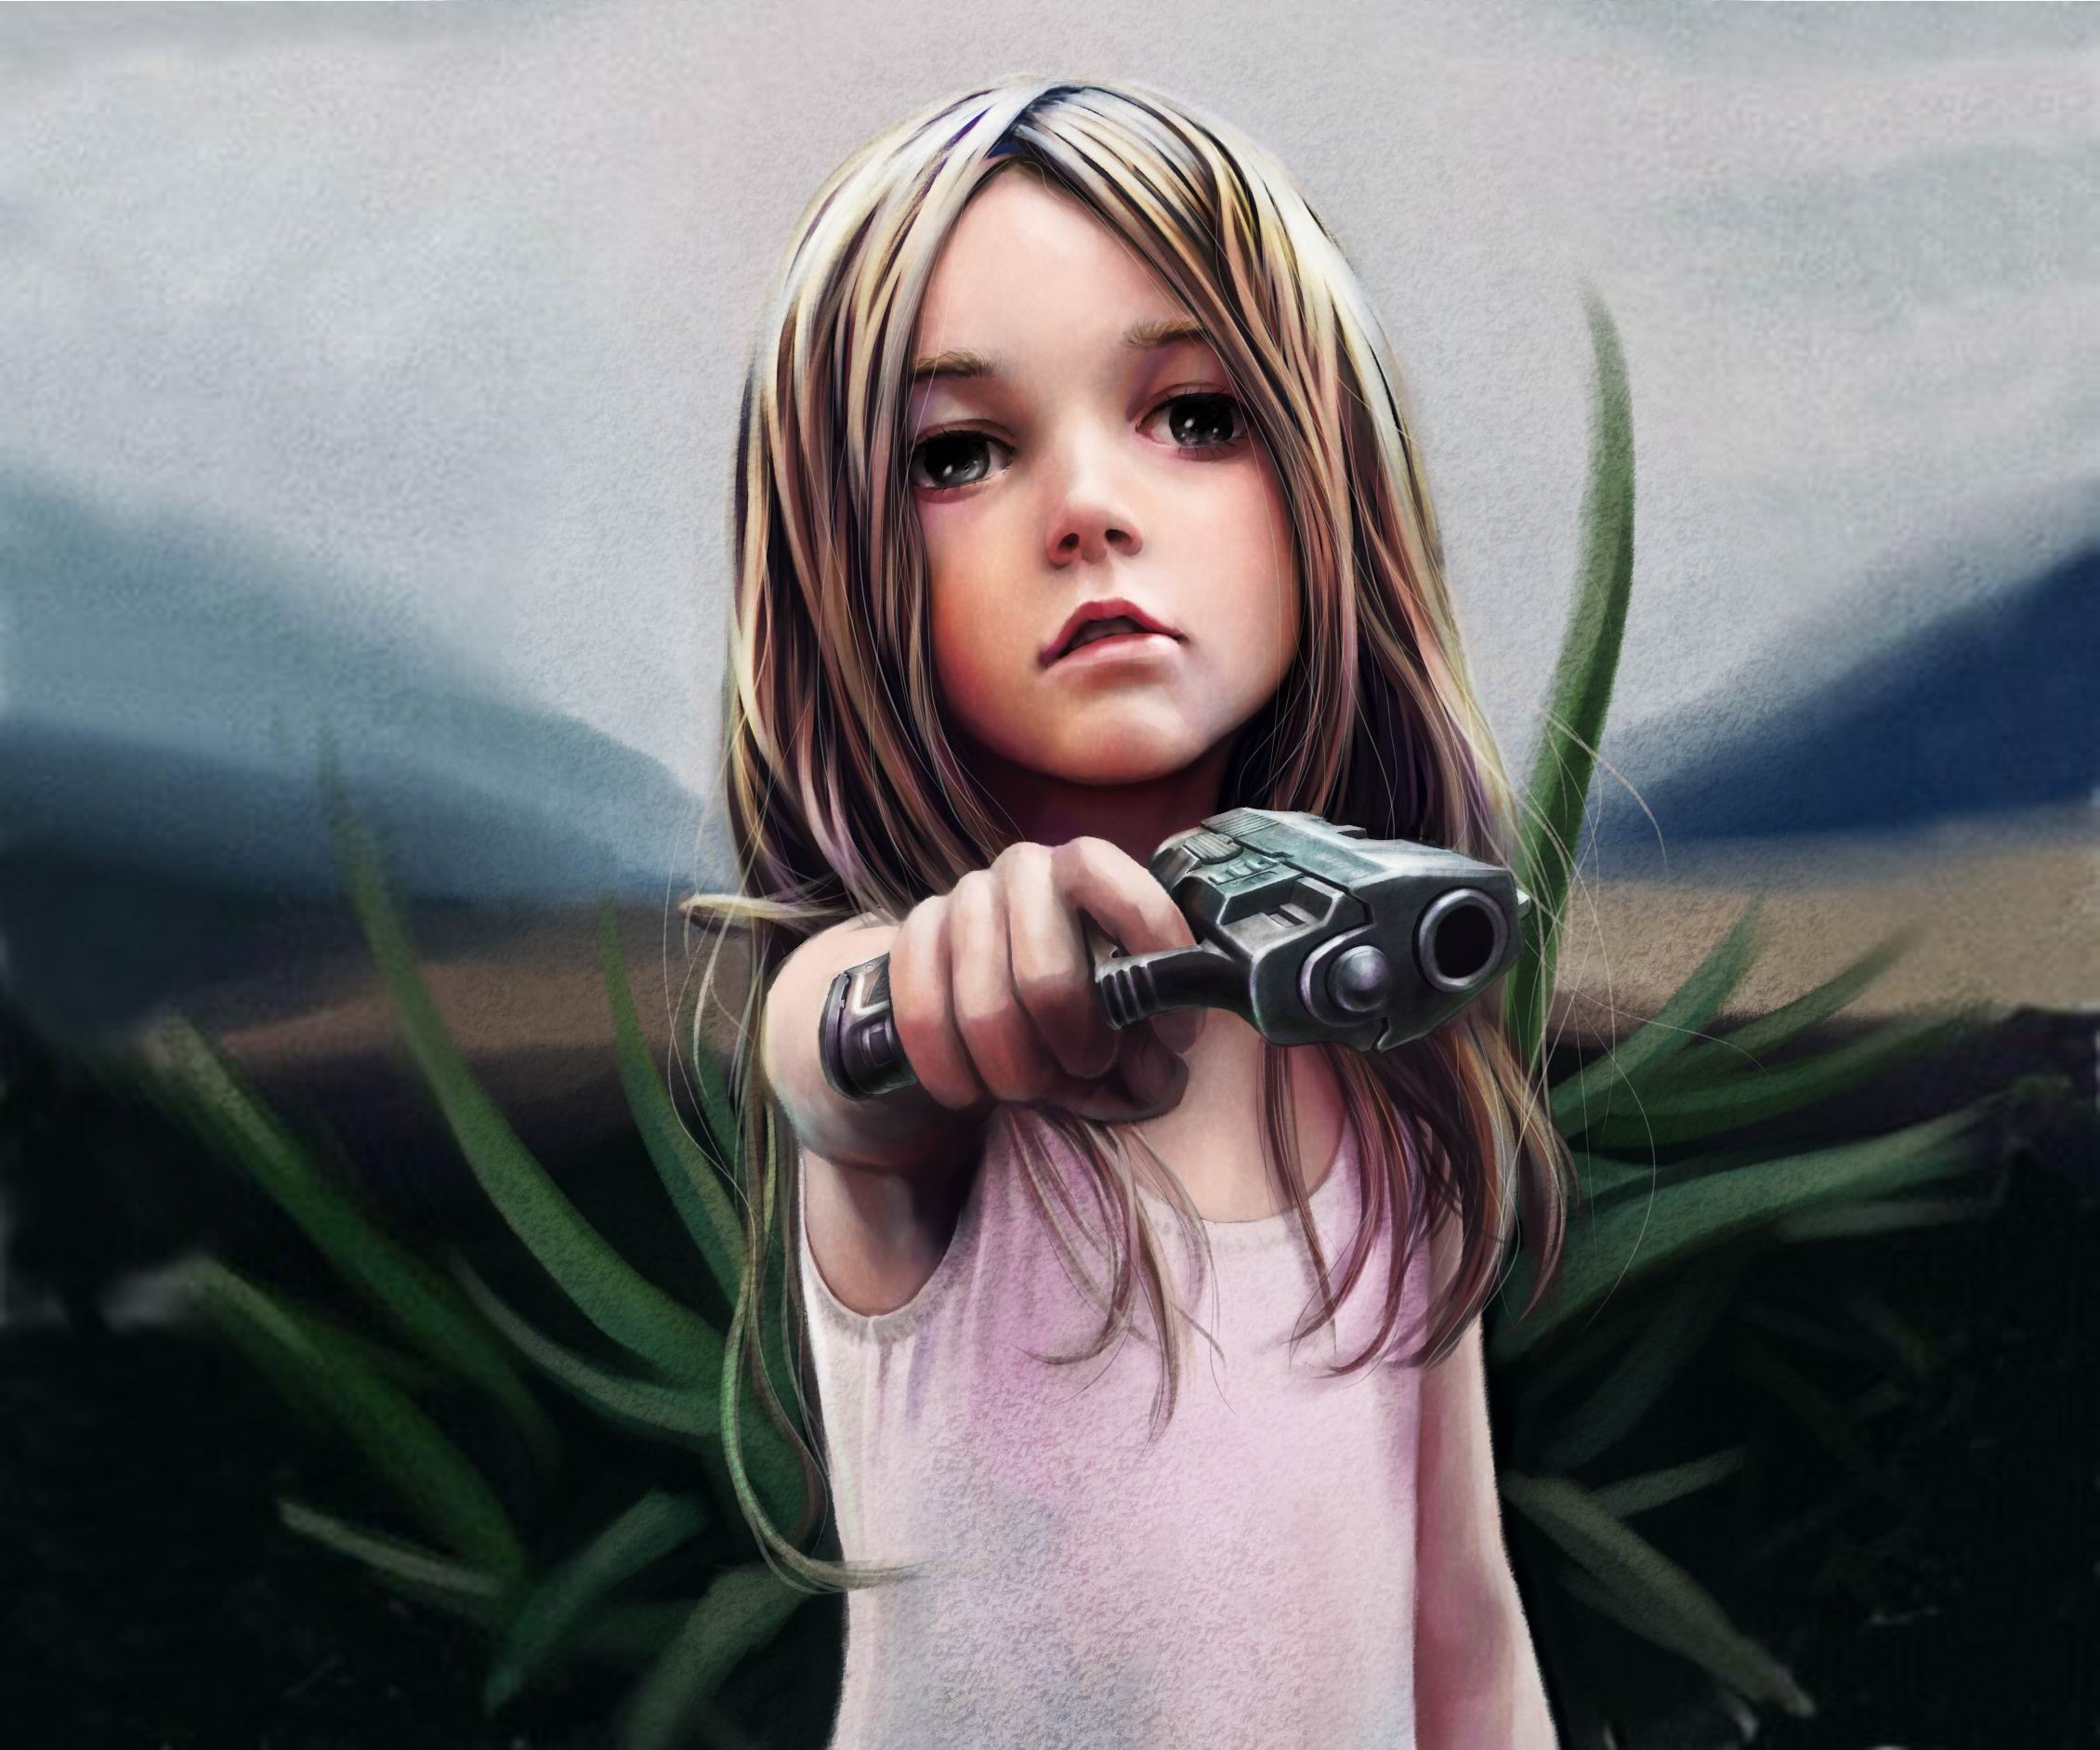 Картинки с девочками прикольные на аву, фотографии винкс картинка